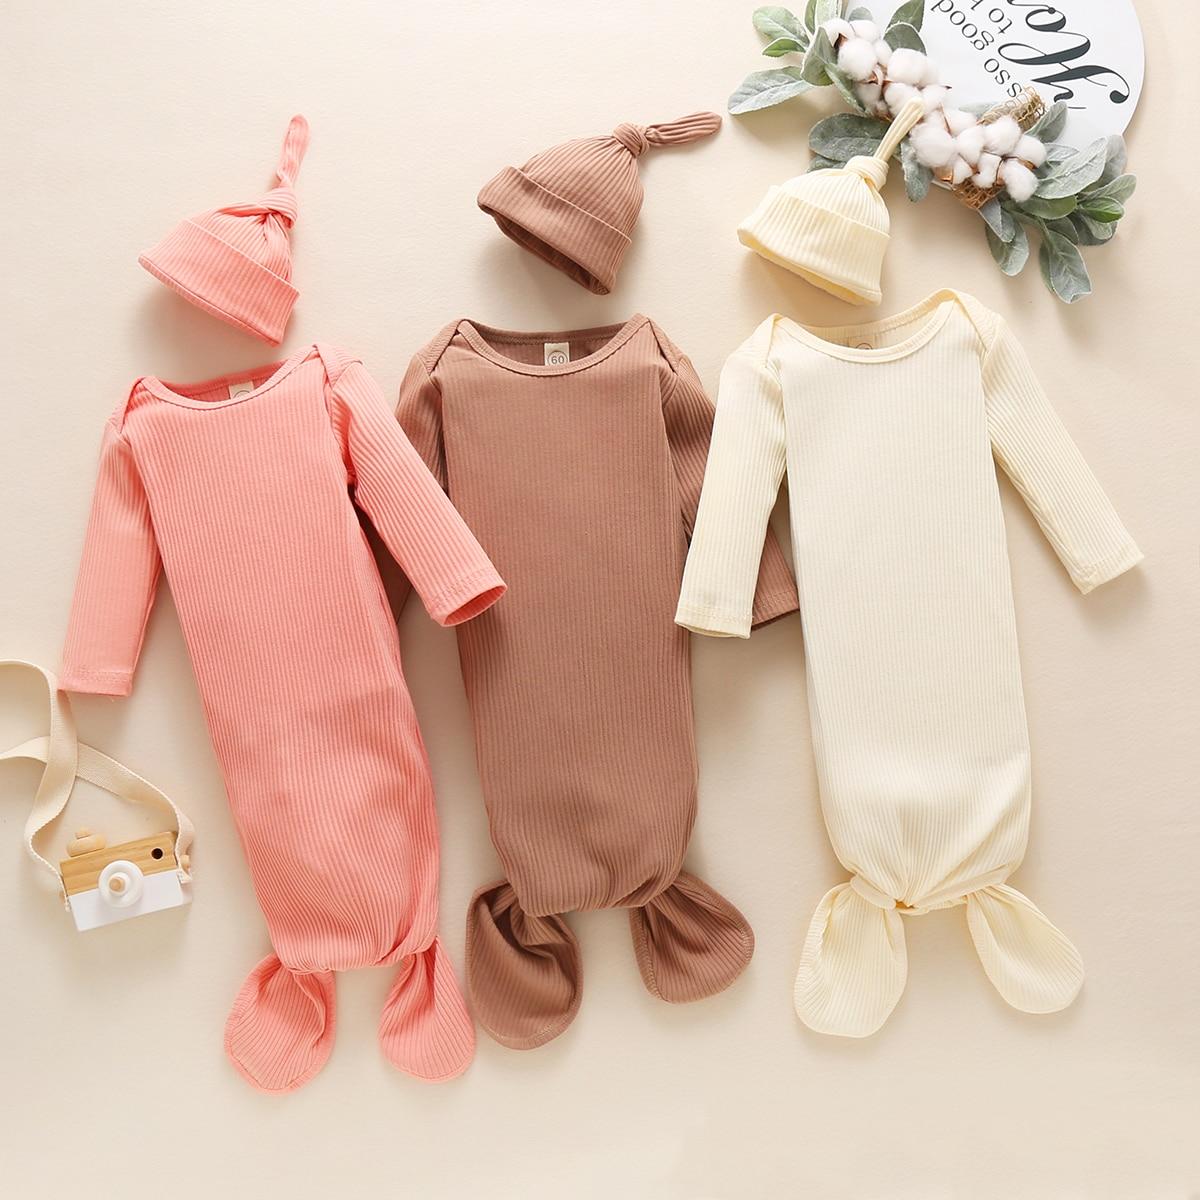 2020, для новорожденных, для детей 0-3 лет, M для маленьких мальчиков девочек спальные мешки + шляпа 2 шт. Осенняя новая рубашка с длинным рукавом ...